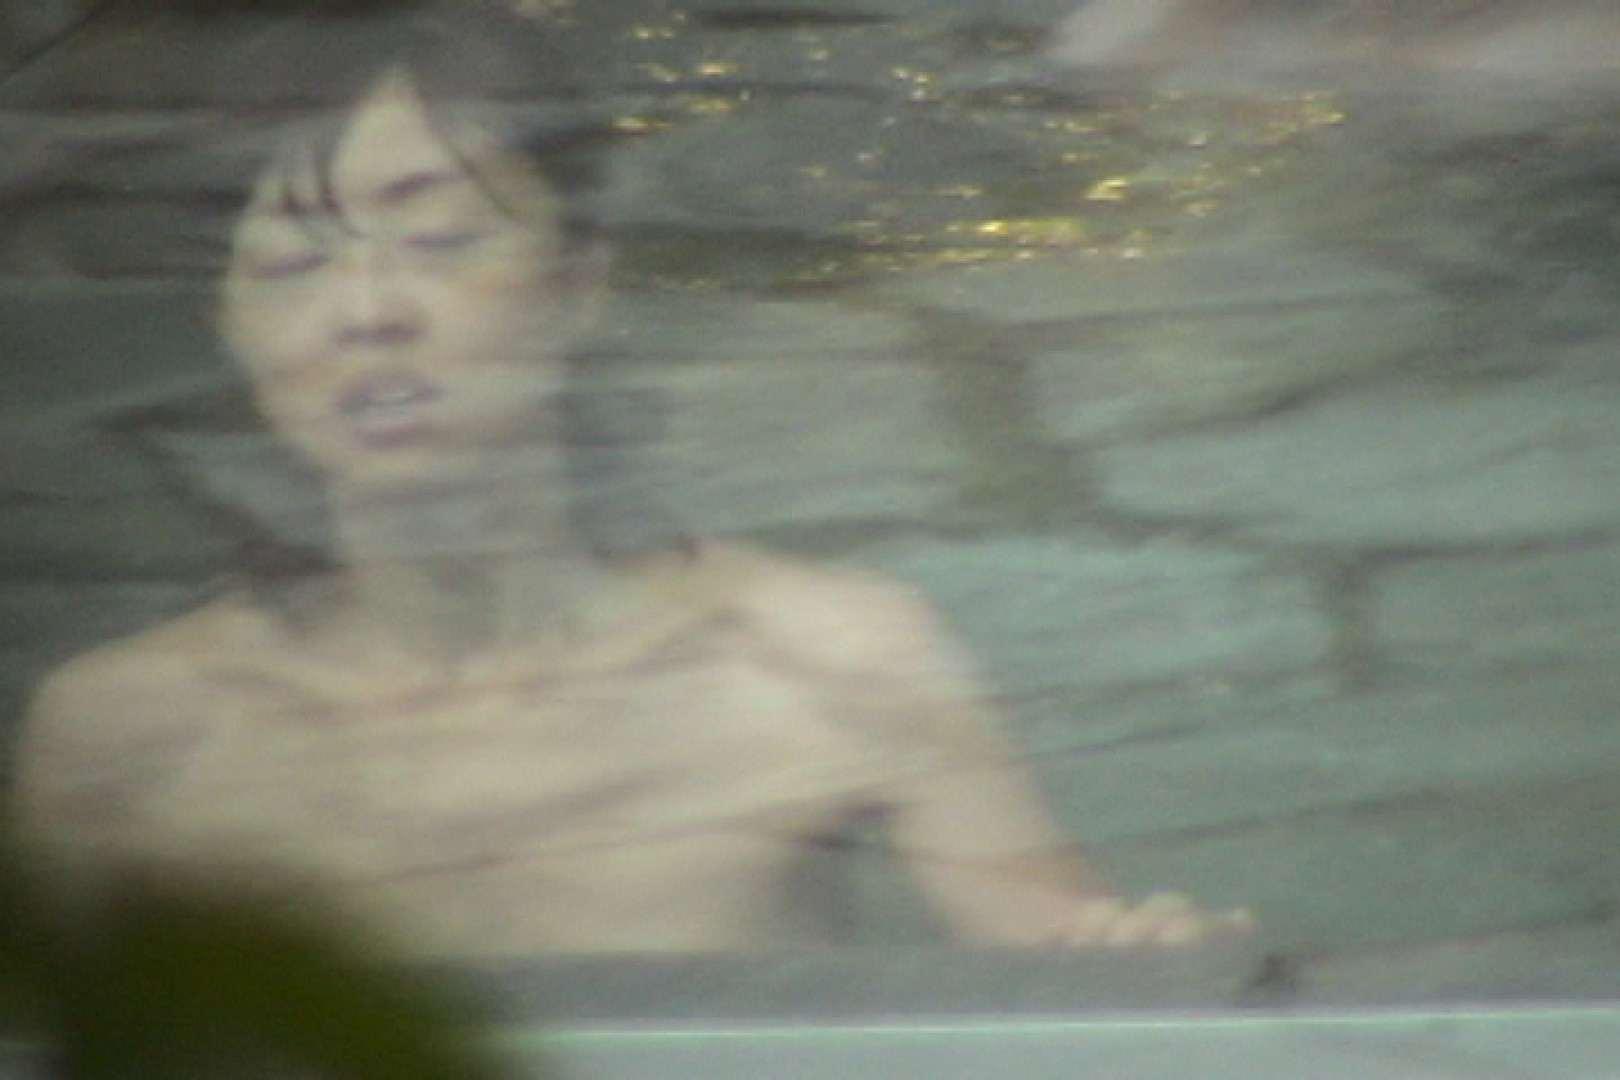 Aquaな露天風呂Vol.711 美しいOLの裸体 | 盗撮師作品  97pic 82